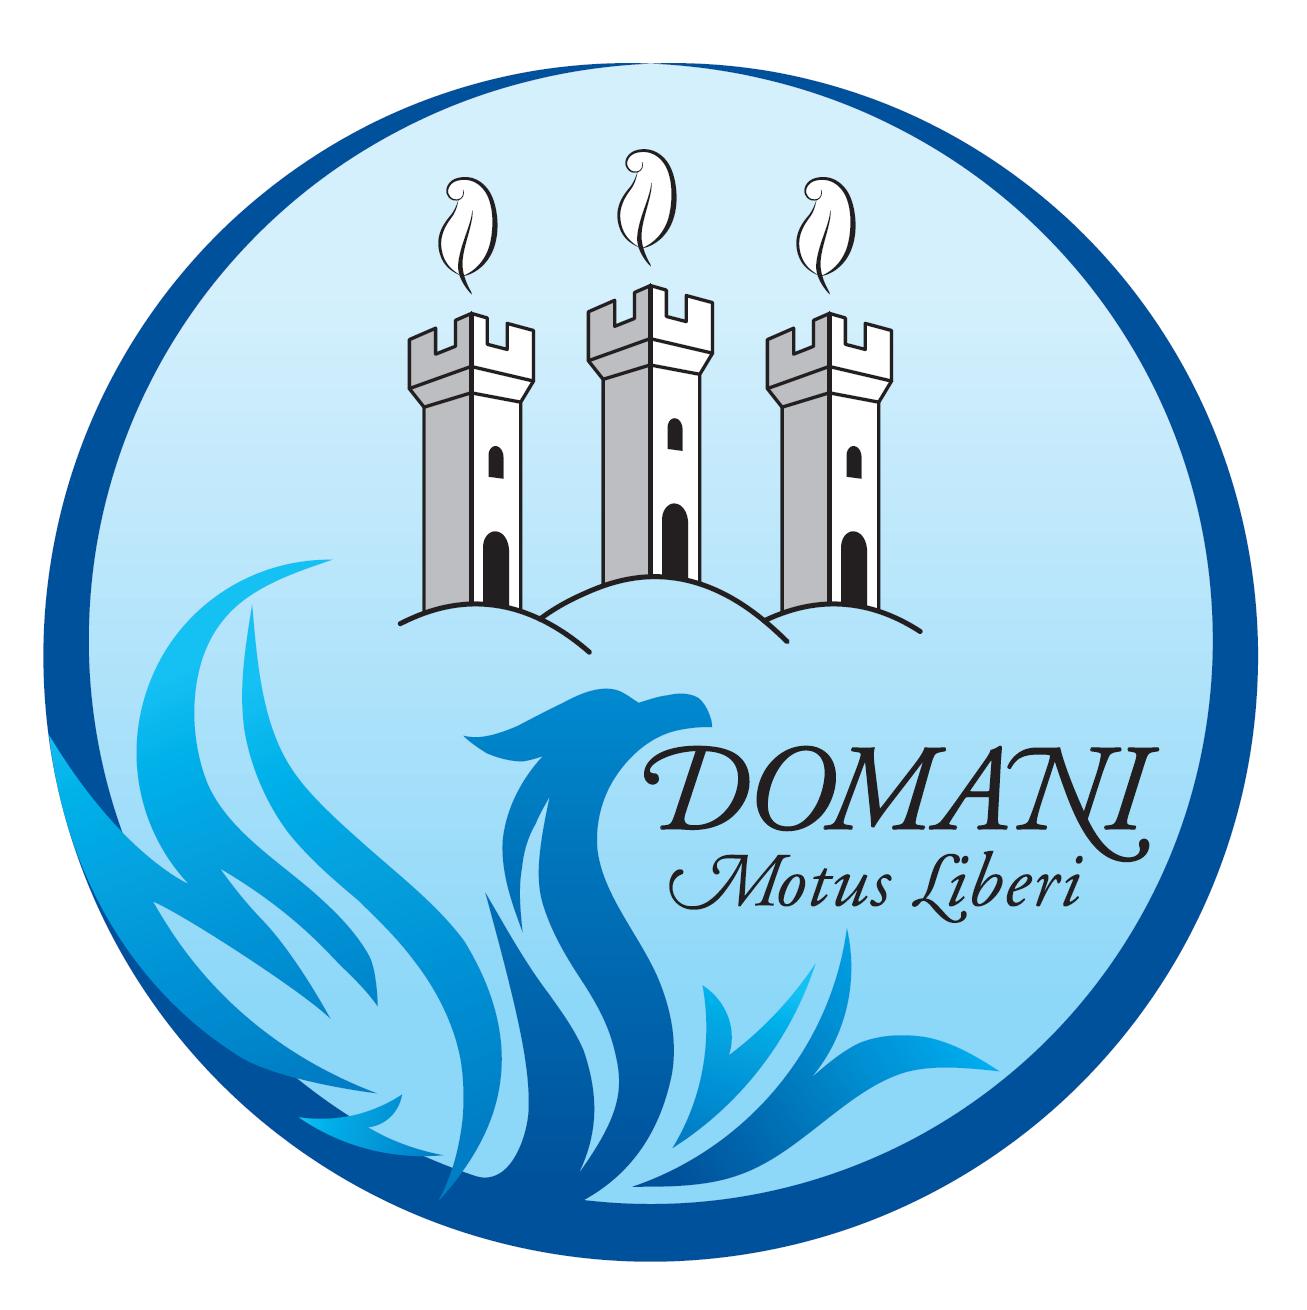 DOMANI – Motus Liberi